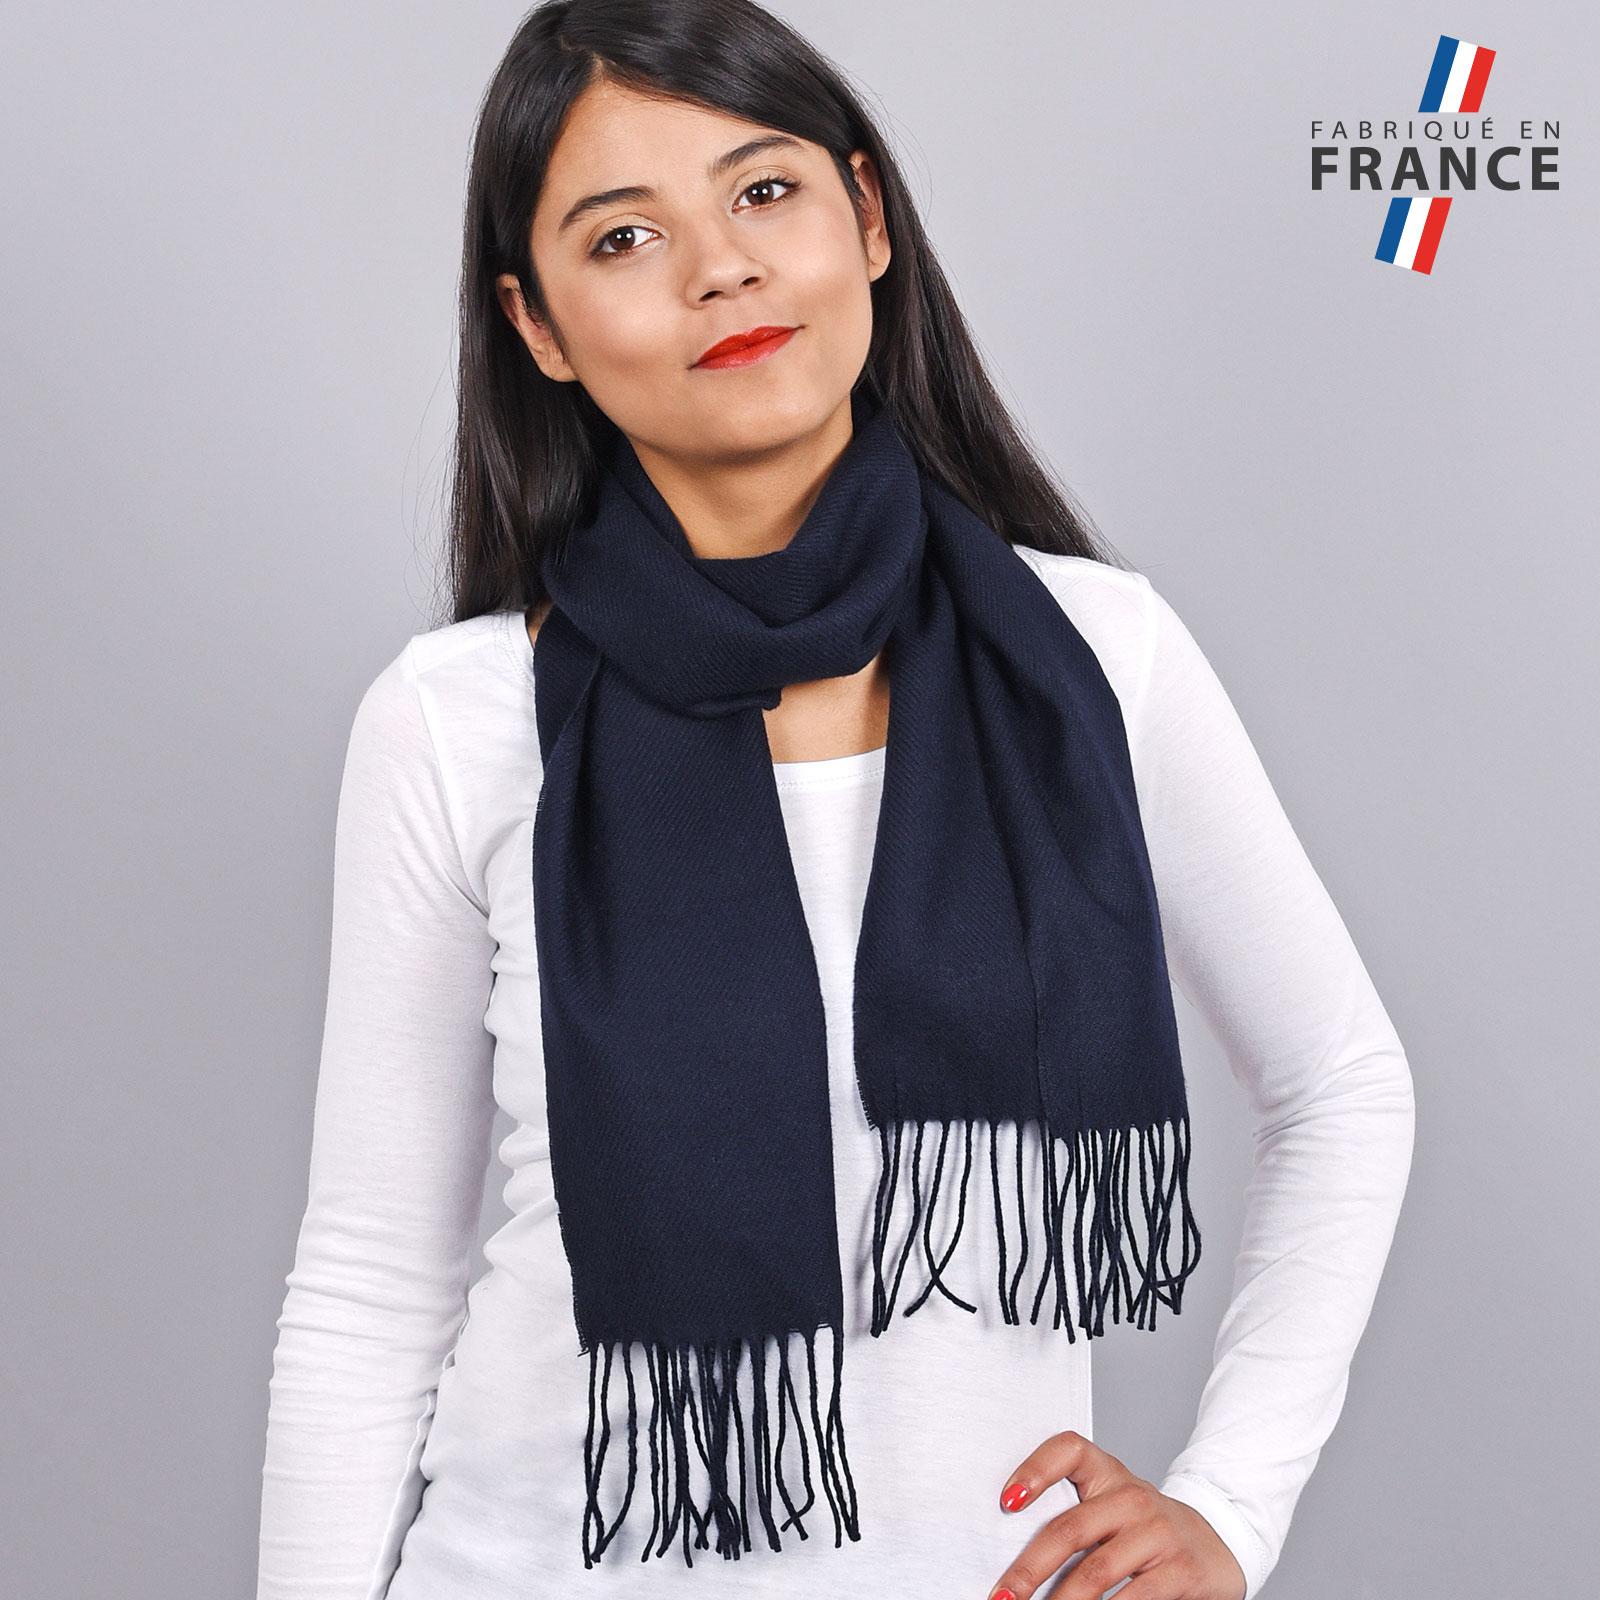 AT-03464-V16-LB_FR-echarpe-franges-bleu-marine-femme-fabrication-francaise